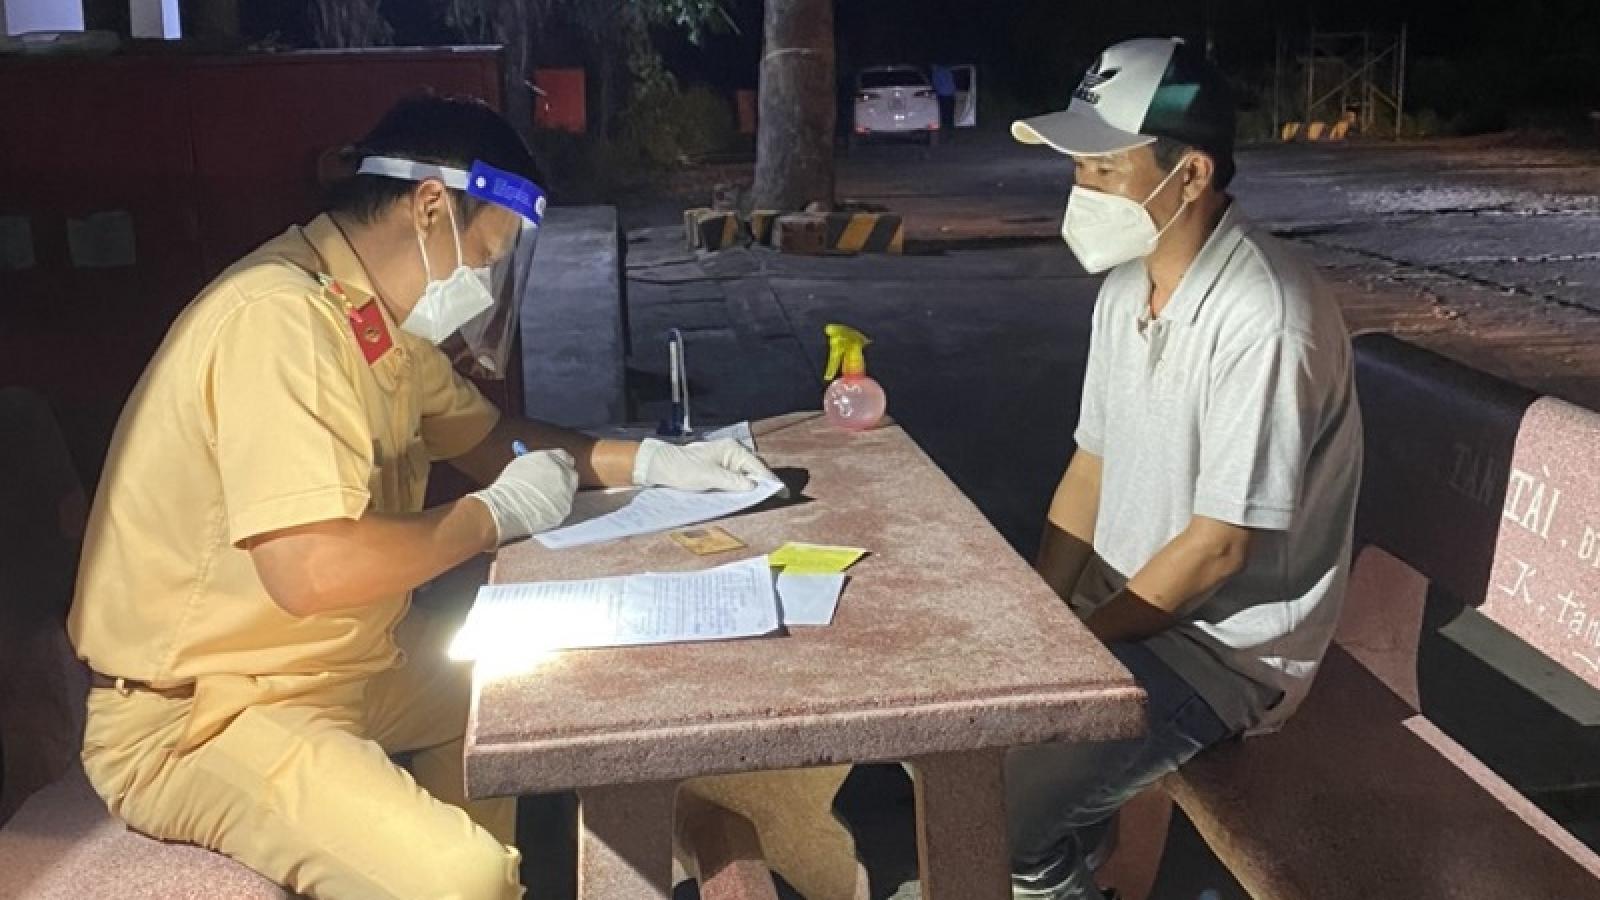 Buộc quay đầu xe sau 2 lần qua chốt kiểm dịch ở Bình Thuận